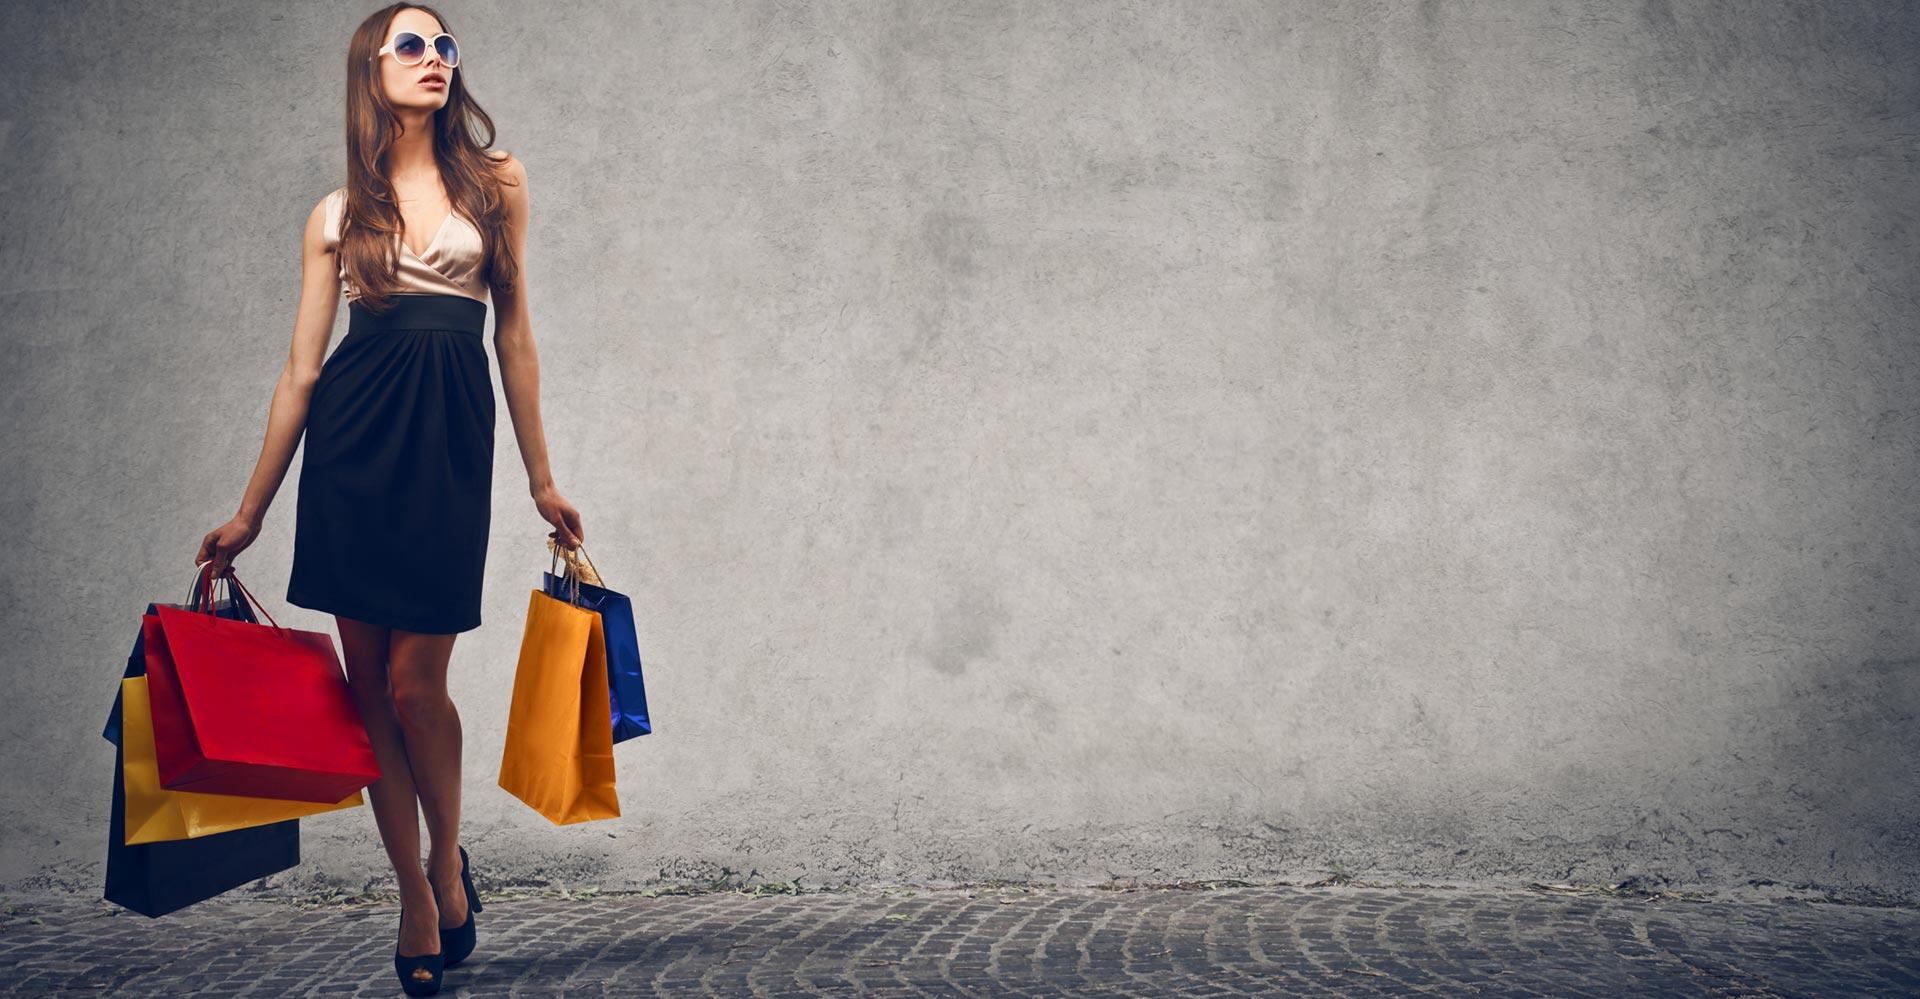 shoppa kläder på internet